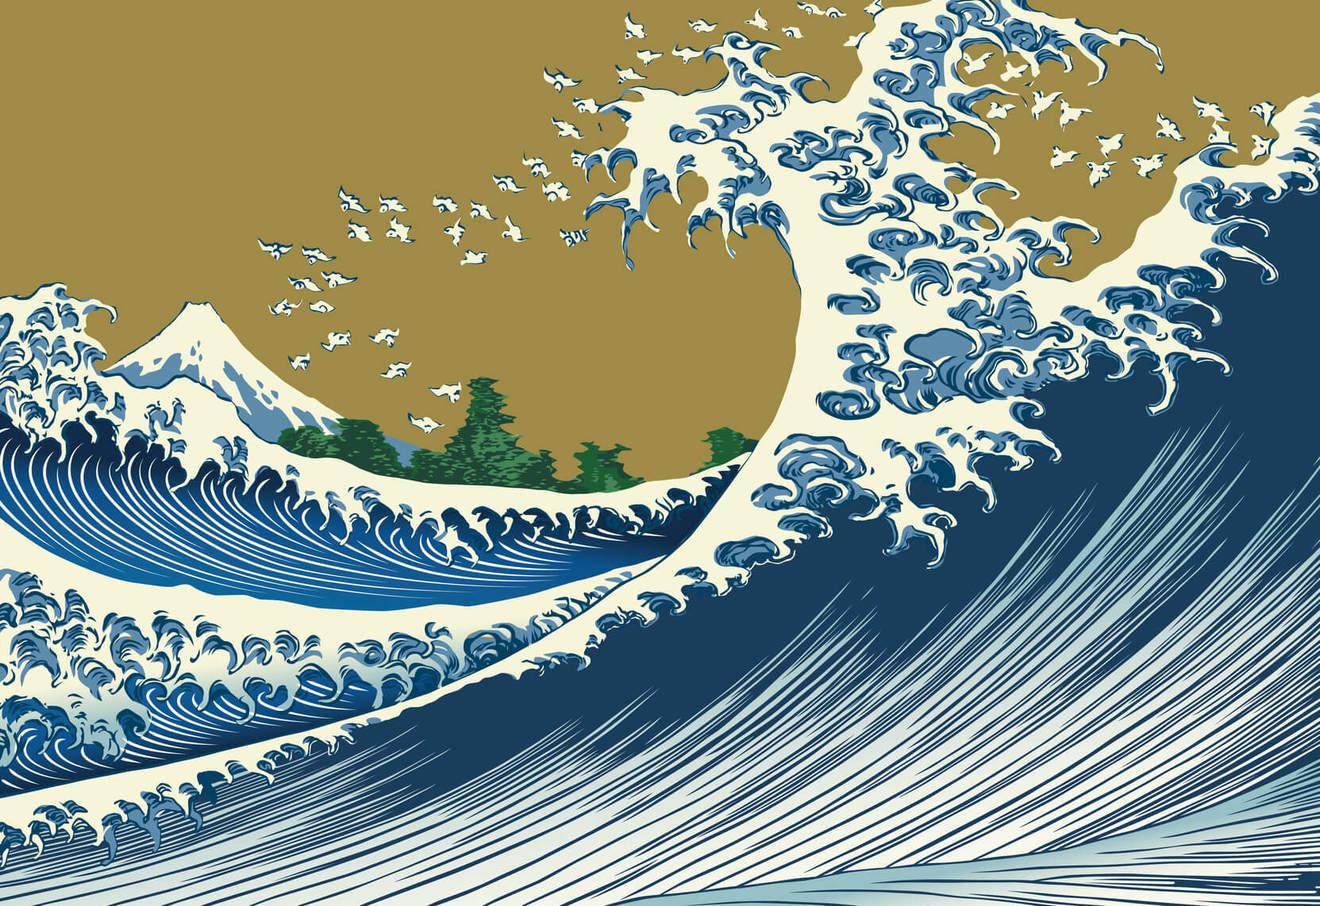 大塩平八郎という人物が起こした乱の背景を、多面的な本で明らかにする